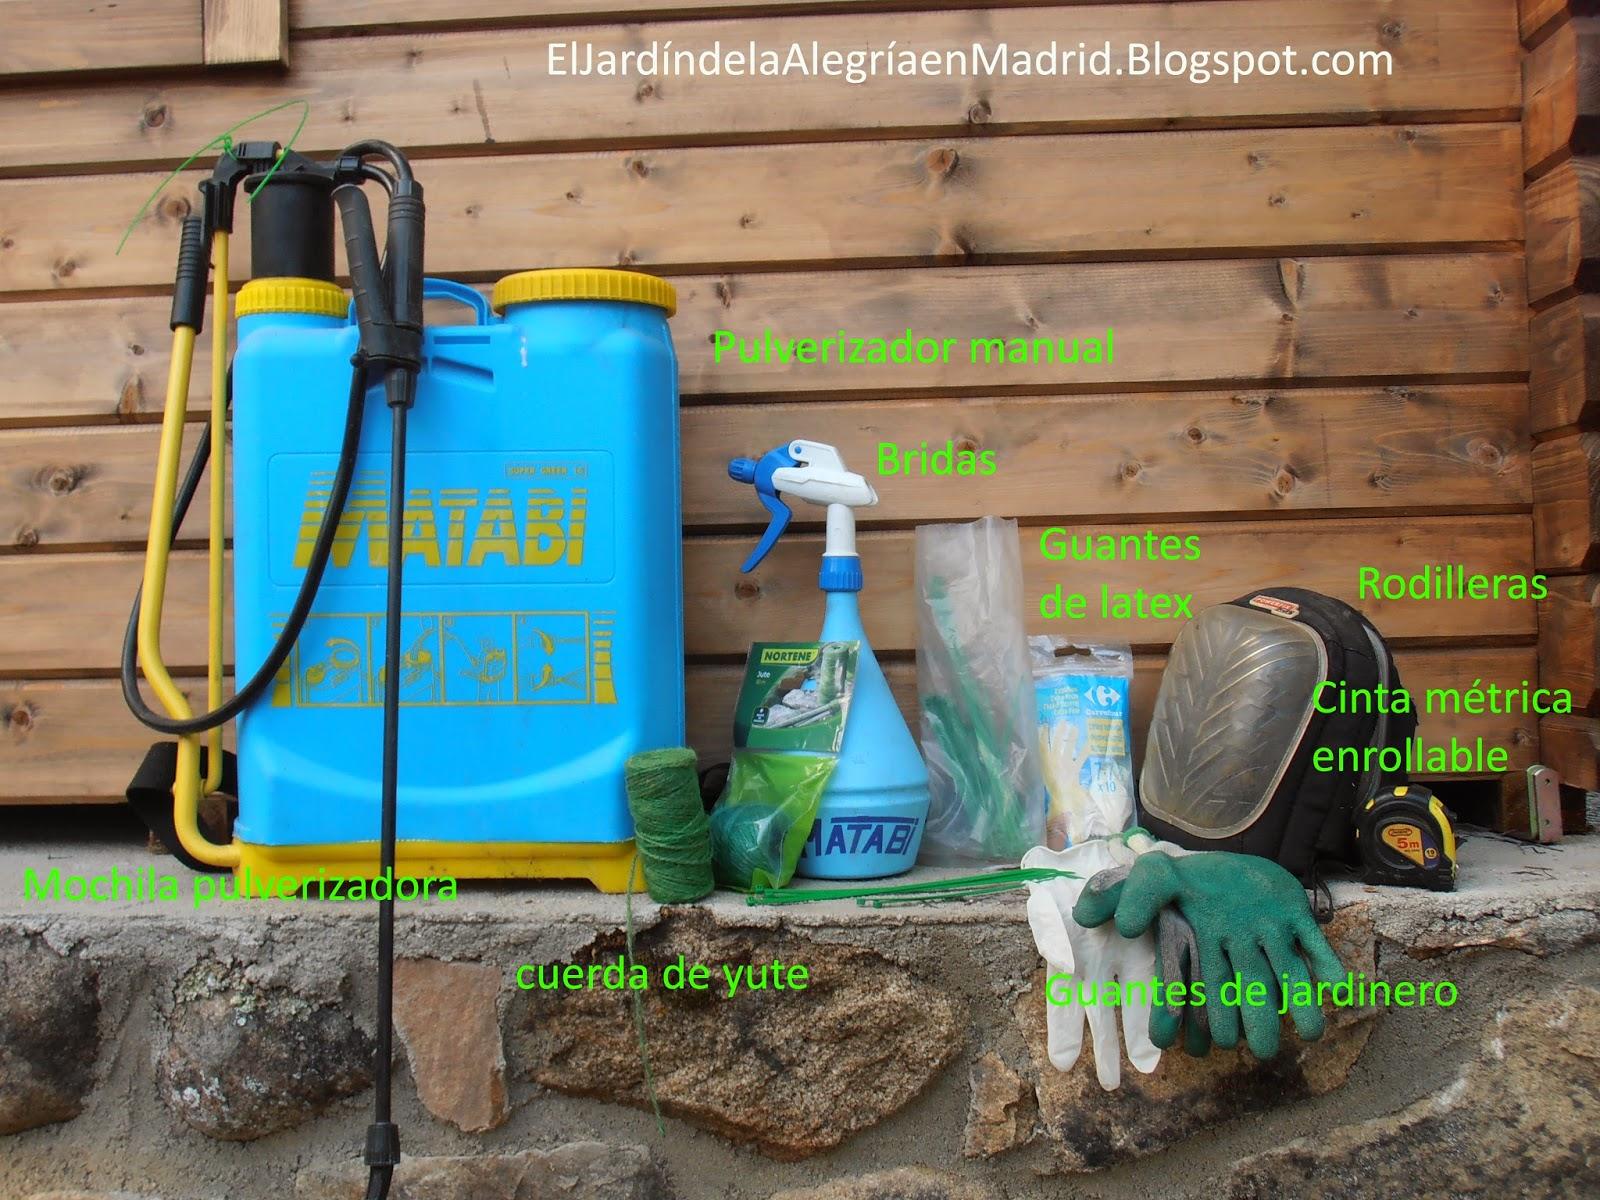 El jard n de la alegr a herramientas y utensilios de for Herramientas para el jardin